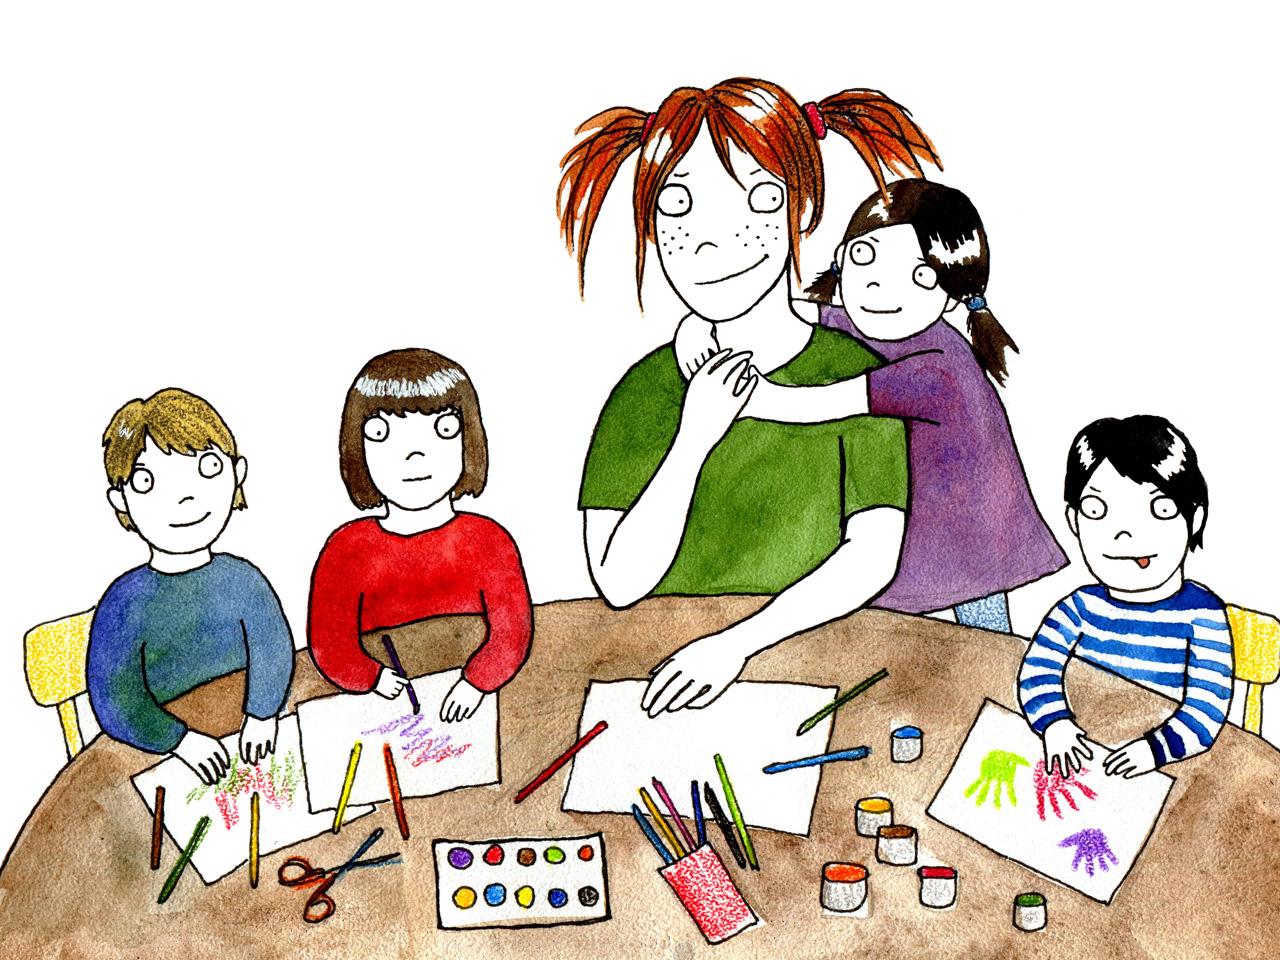 25-28 апреля в 16:00 —  «Российские комиксы»  с Линой Морозовой в рамках онлайн-марафона «Рисуем комиксы»